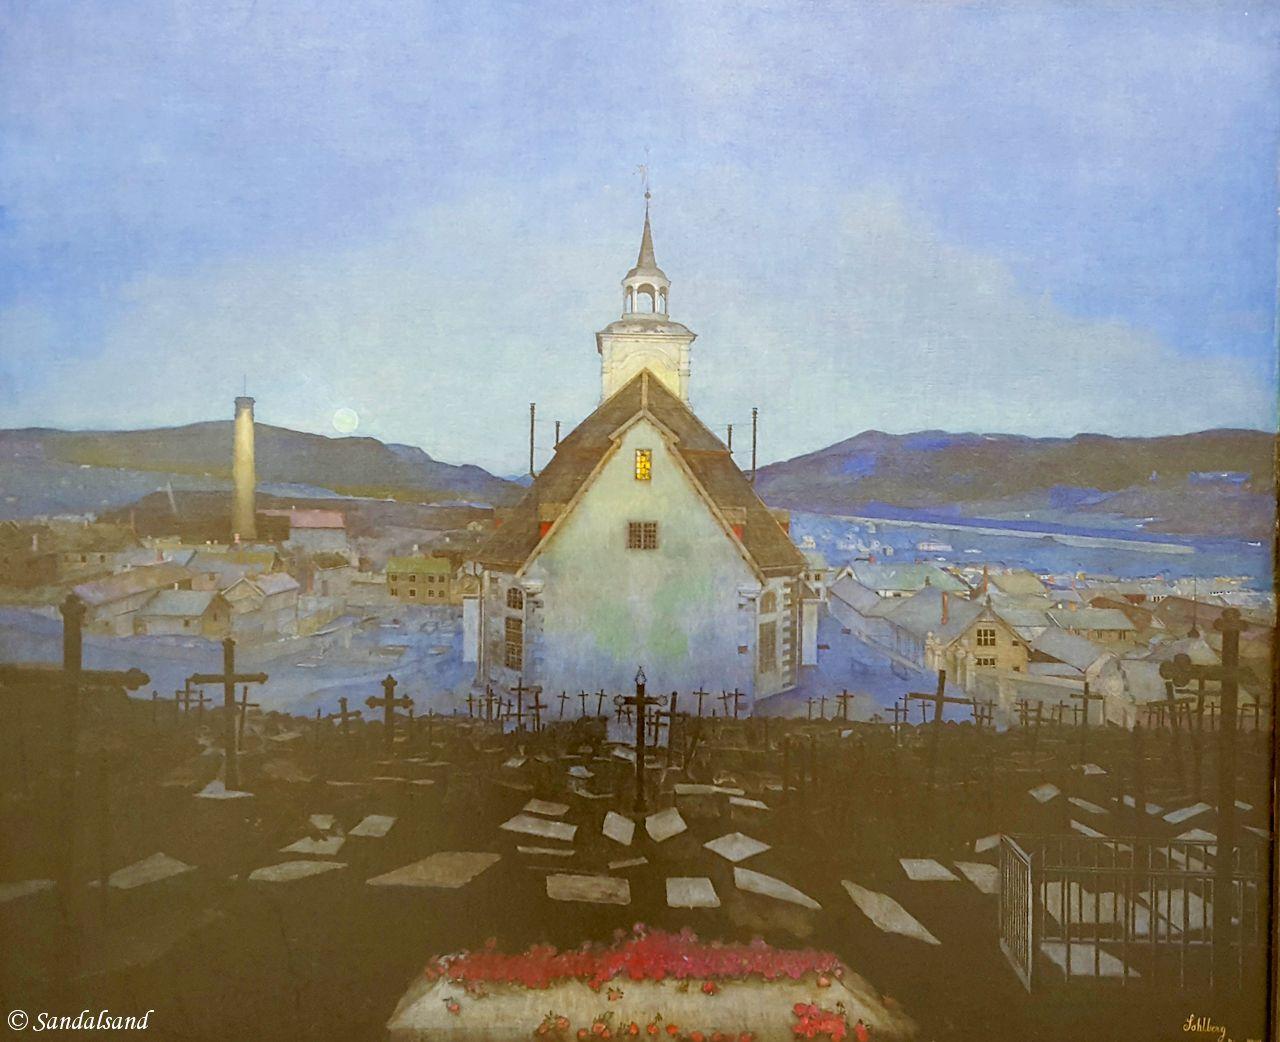 Sør-Trøndelag - Trondheim - Trondheim kunstmuseum - Natt, Røros kirke (Harald Sohlberg, 1904)